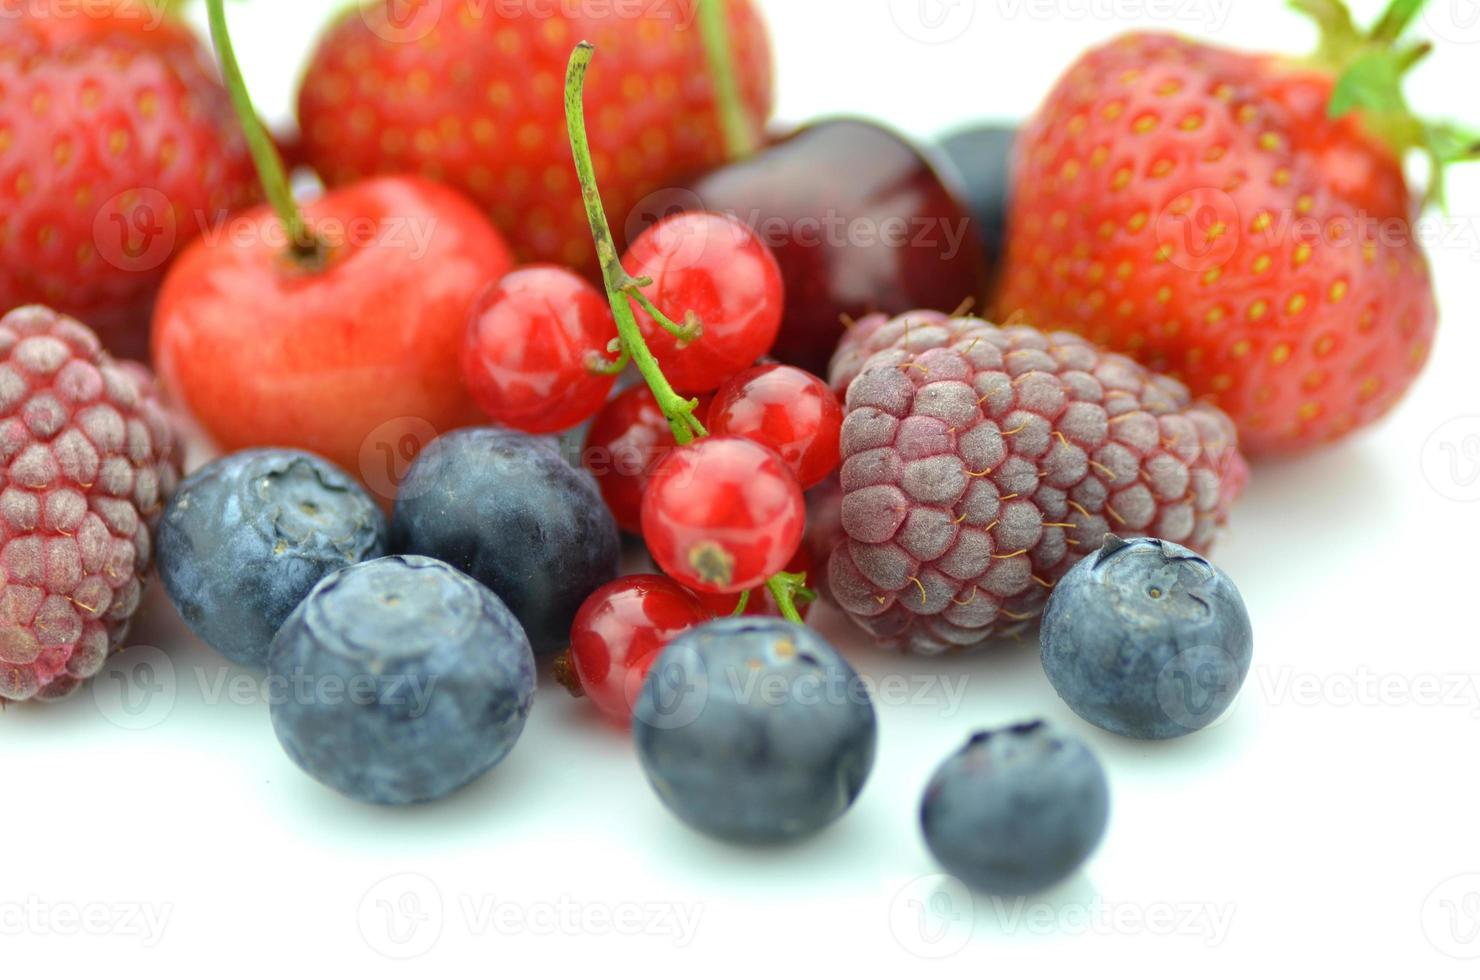 frutti di bosco fragole lamponi ciliegie mirtilli ribes isolato su bianco foto